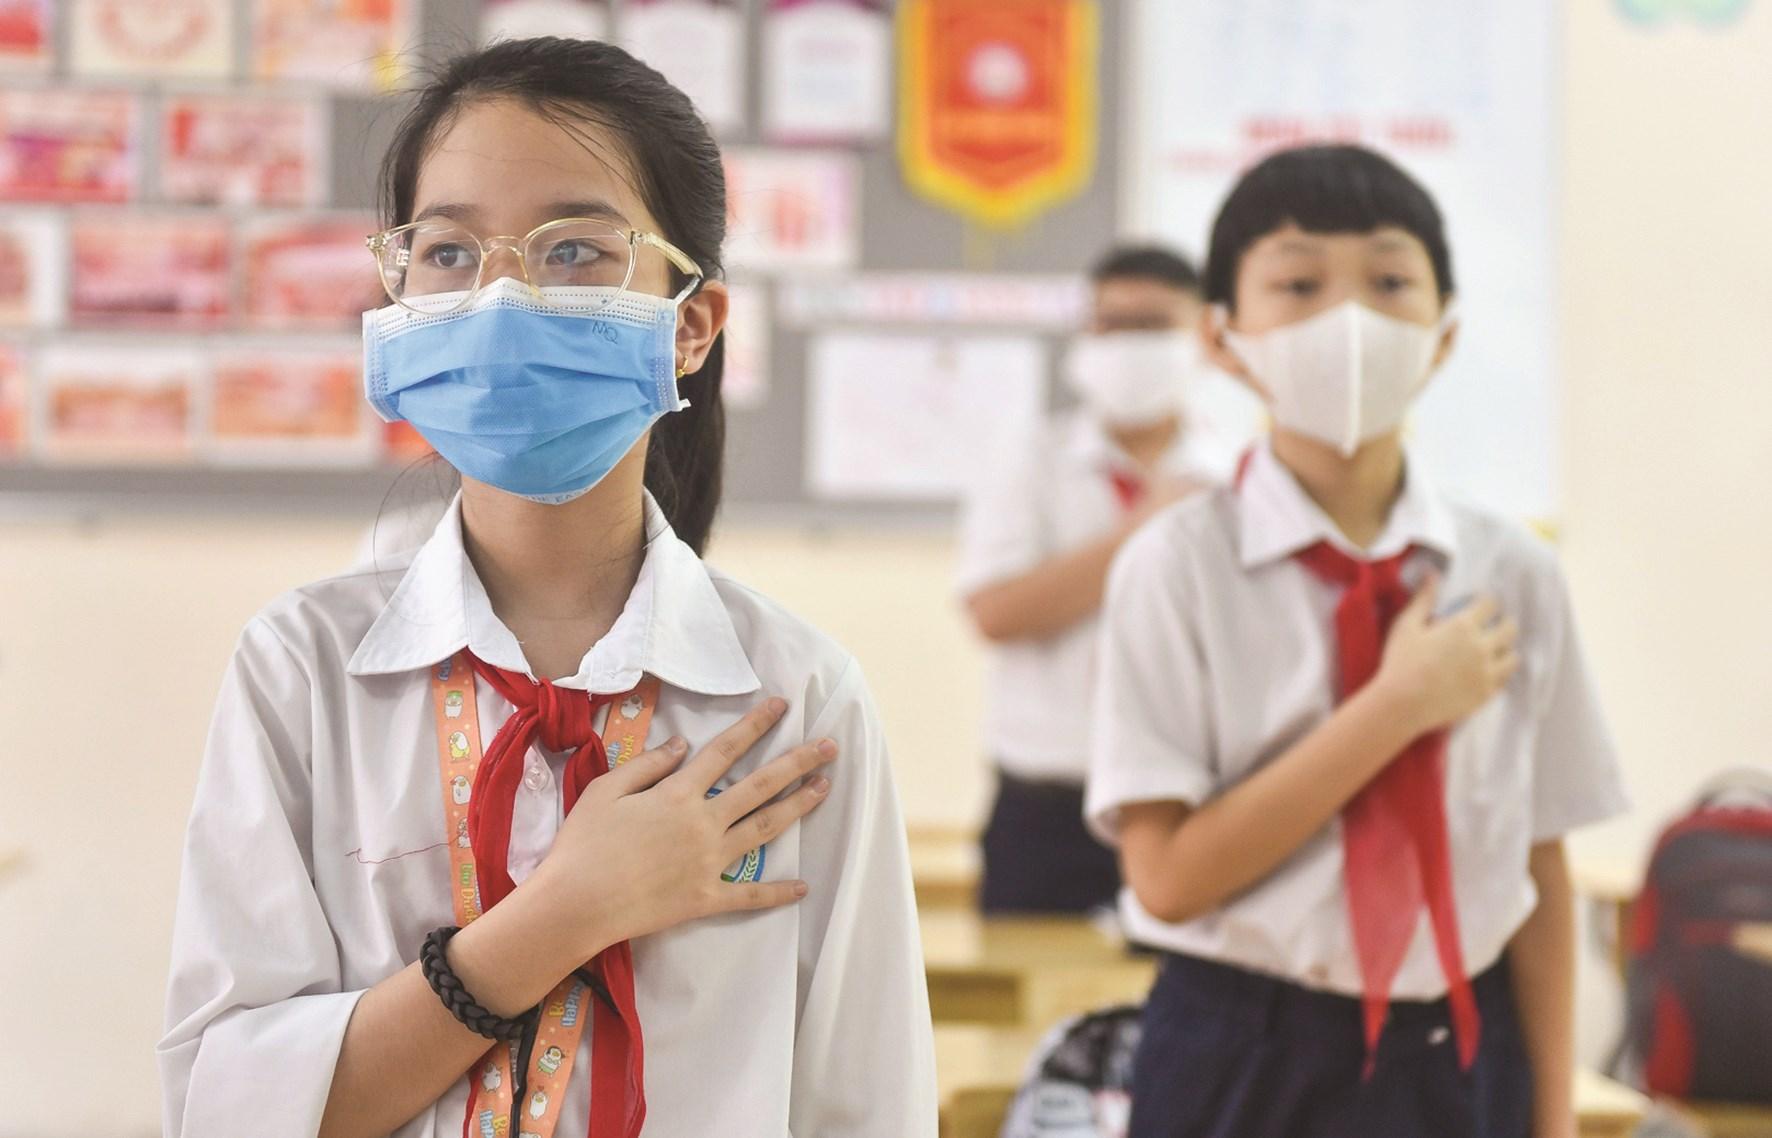 Các em học sinh chuẩn bị tinh thần để bước vào năm học mới trong điều kiện dịch Covid-19 vẫn còn phức tạp